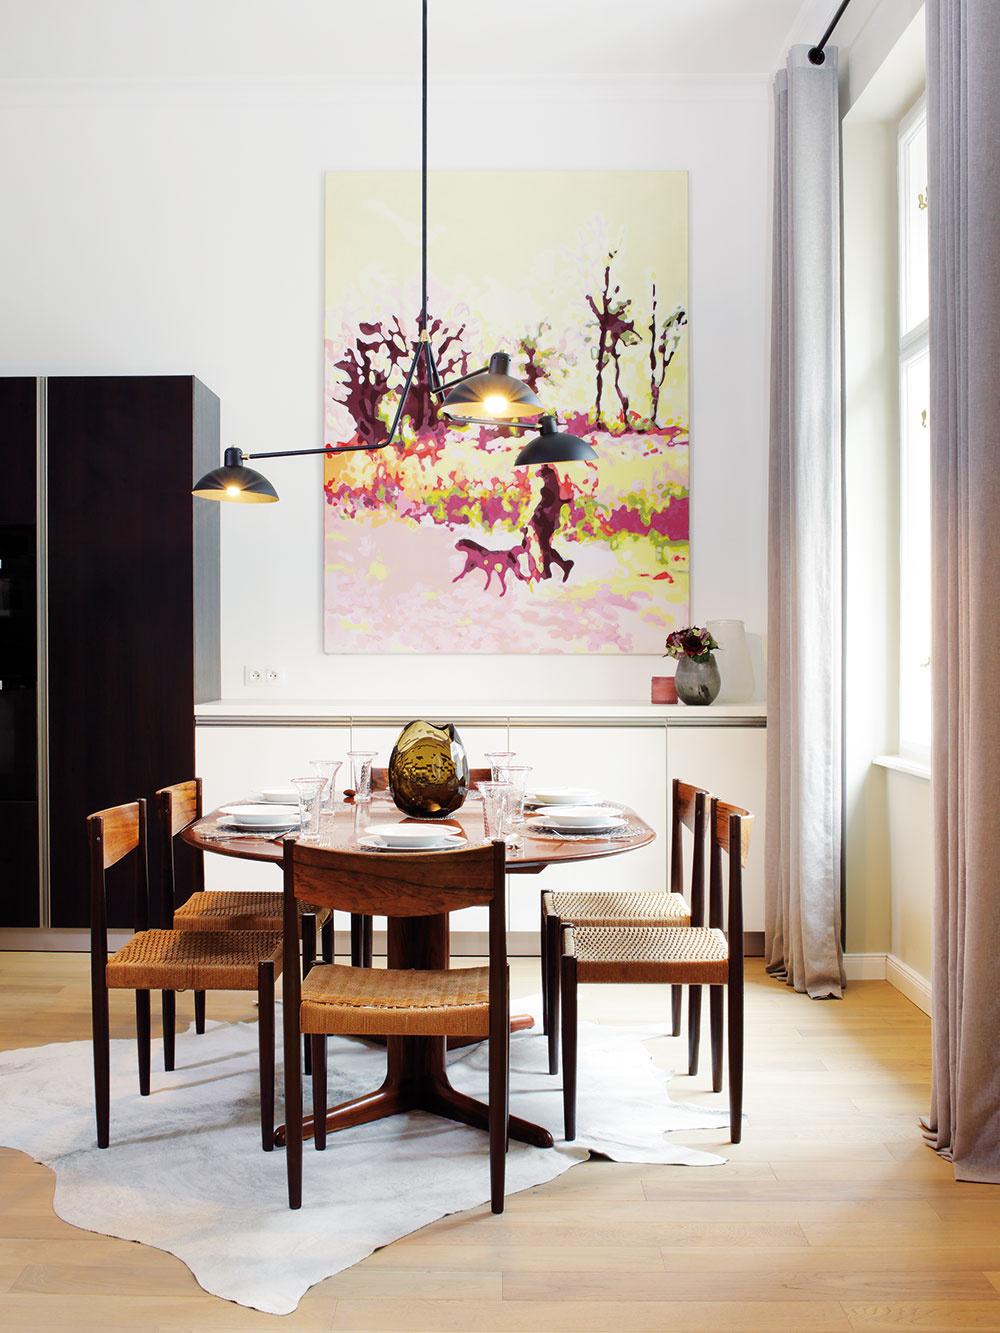 Rafinovaná kombinácia. Hoci základ interiéru tvorí kombinácia sivej, antracitovej aprírodného dreva, vhodne zvolené solitéry adoplnky vpastelových farbách, ku ktorým patrí aj výrazný obraz nad jedálenským stolom, dodávajú bytu hravosť aoptimizmus.